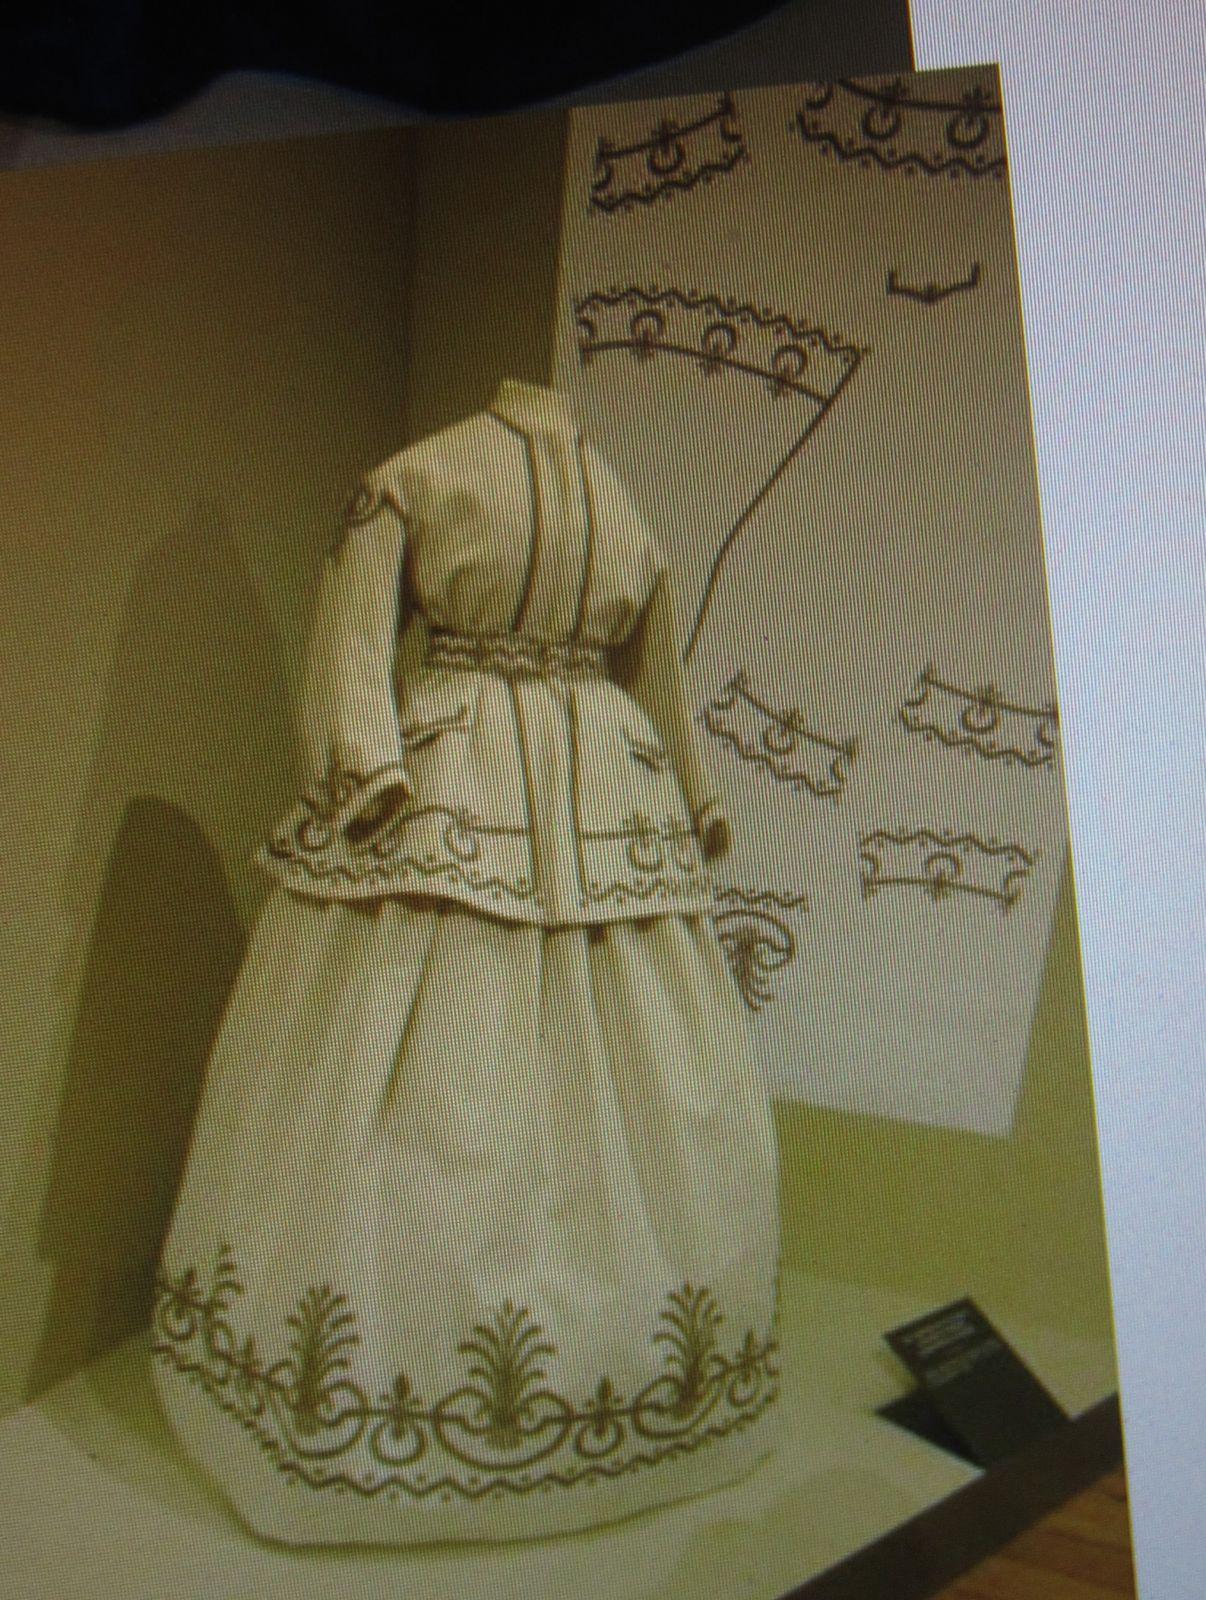 """Et c'est sous le Second Empire que l'on trouve pour la première fois les robes en """"KIT"""", le tissu est imprimé, et il suffit de couper et coudre pour être à la dernière mode ....Toutes ces innovations et l'ouverture des premiers grands magasins, font de cette période une véritable """"Folie textile""""."""